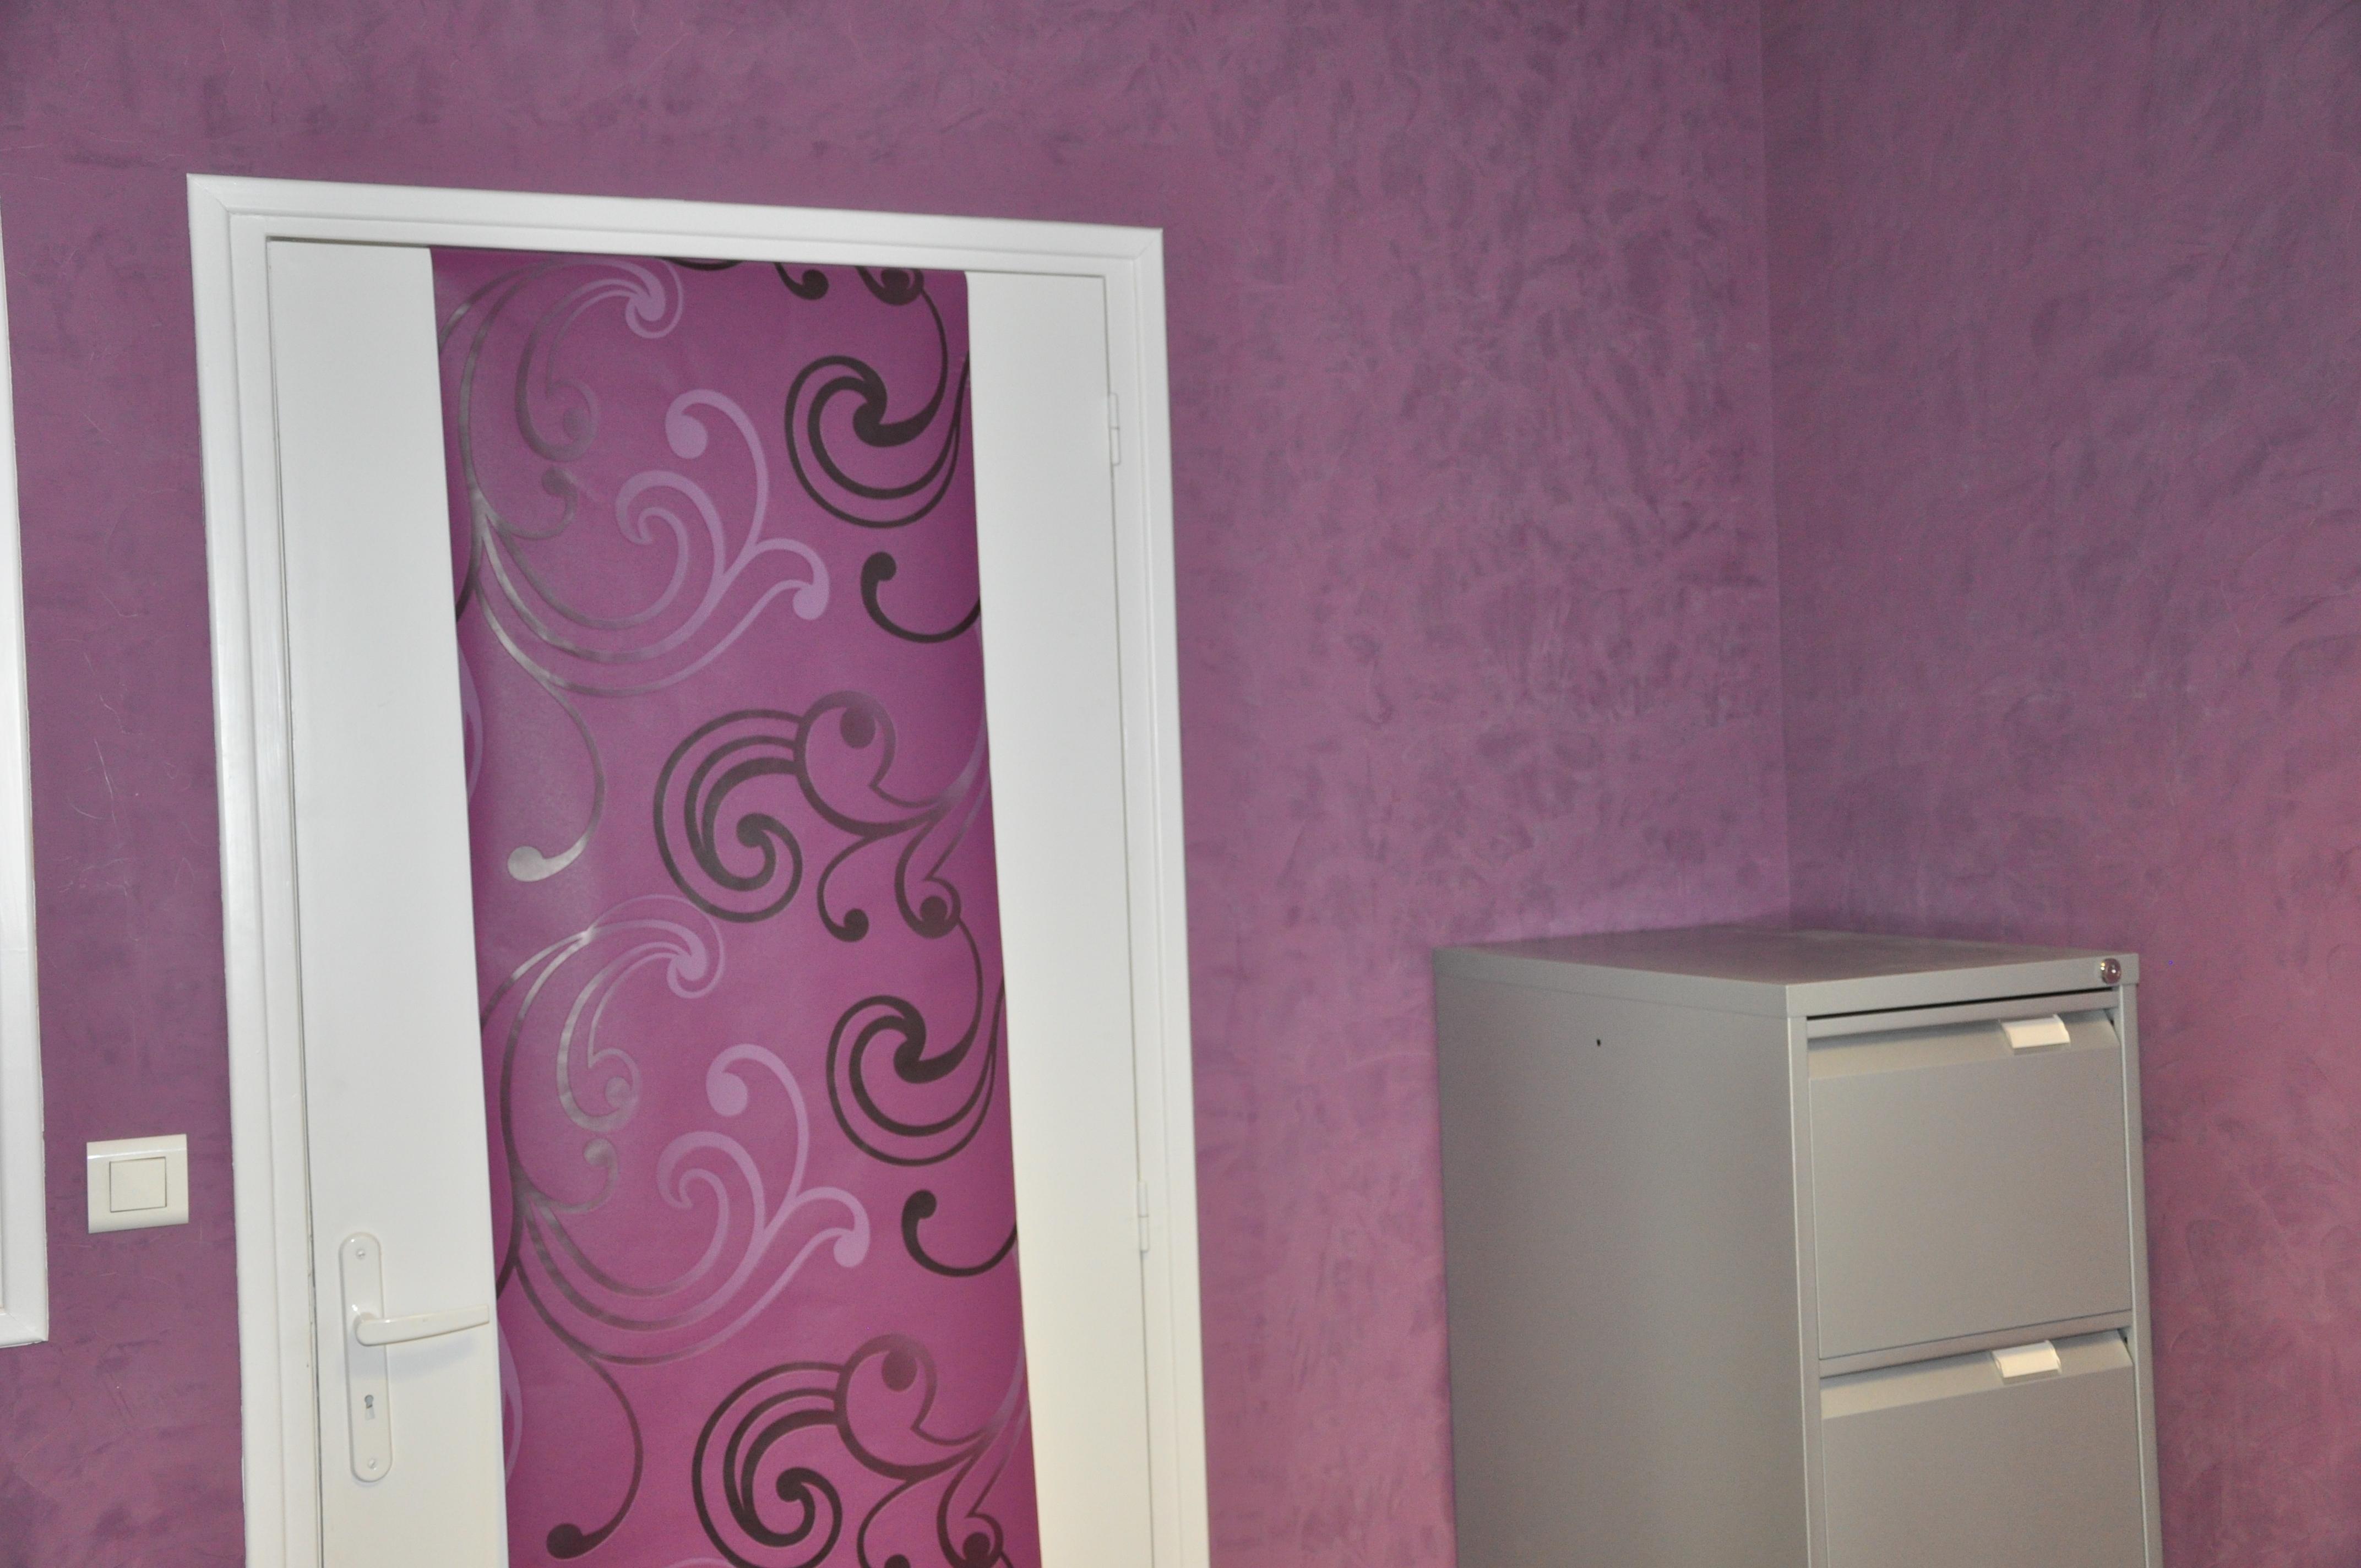 Methivier mtvo enduits d coratifs methivier mtvo for Enduits decoratifs interieur